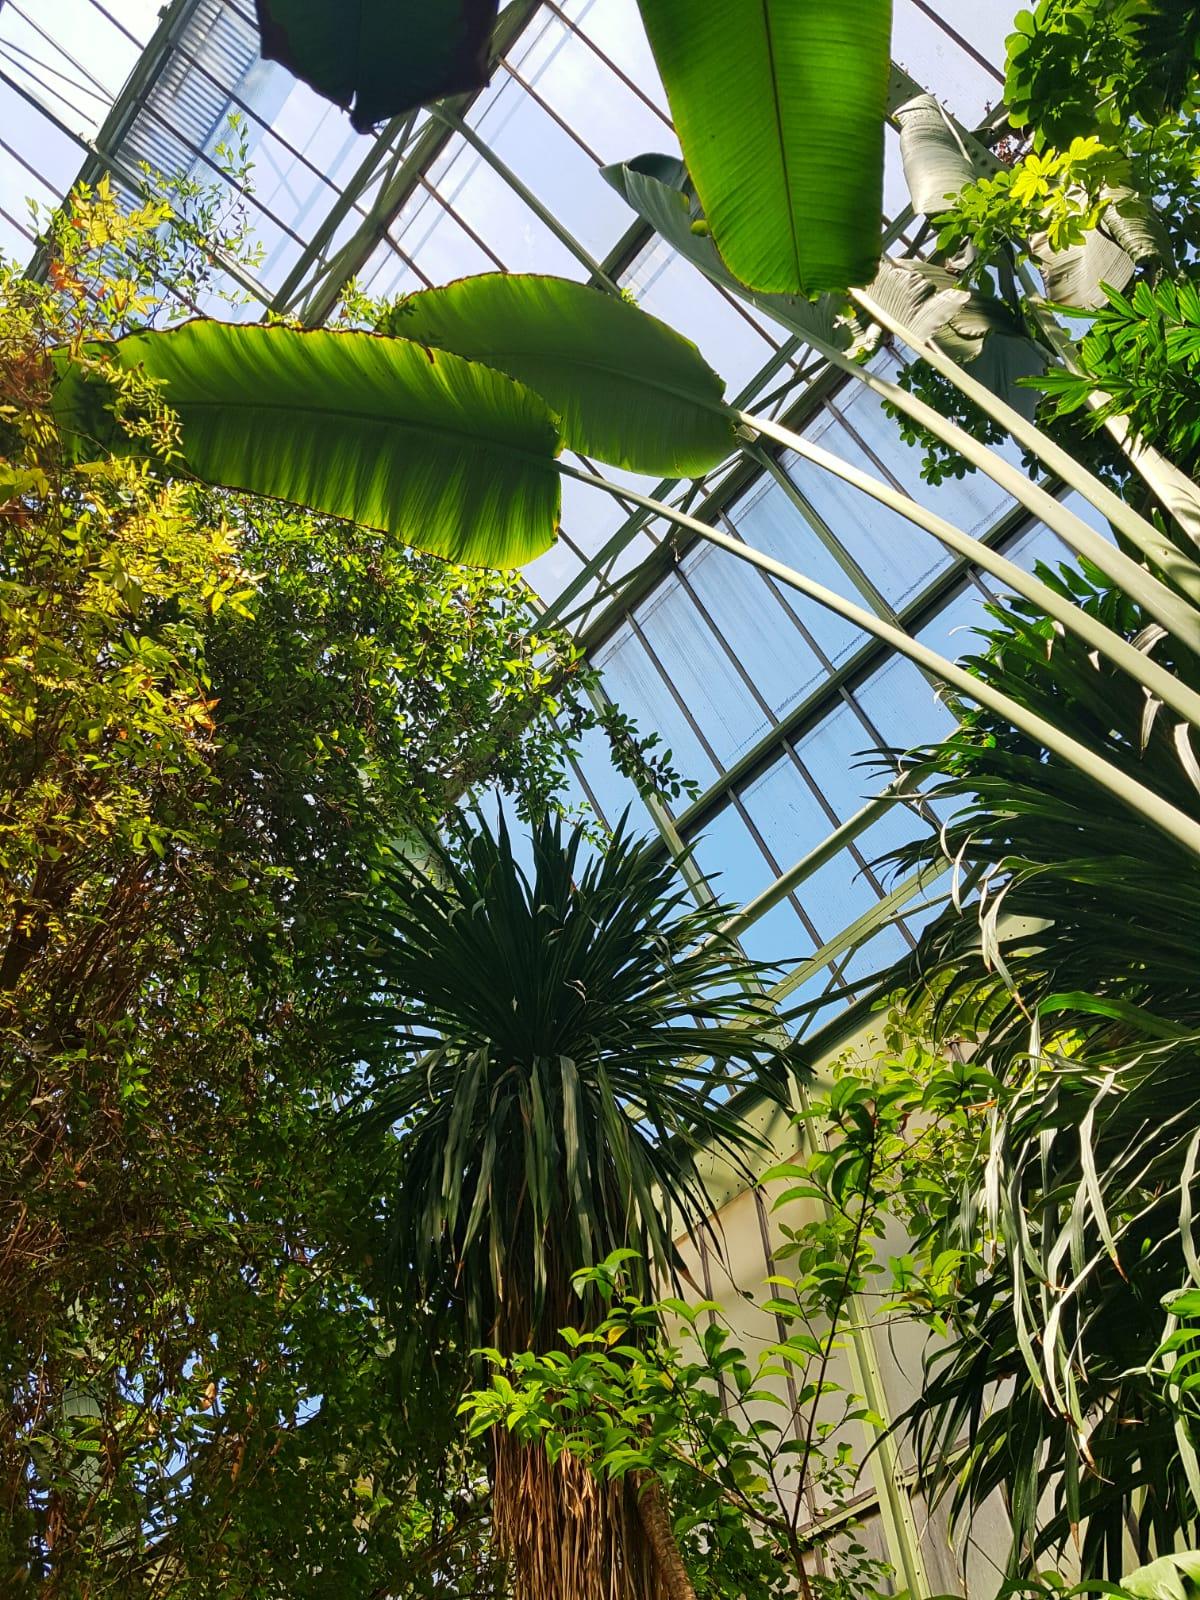 Jardin Des Plantes Paris greenhouse